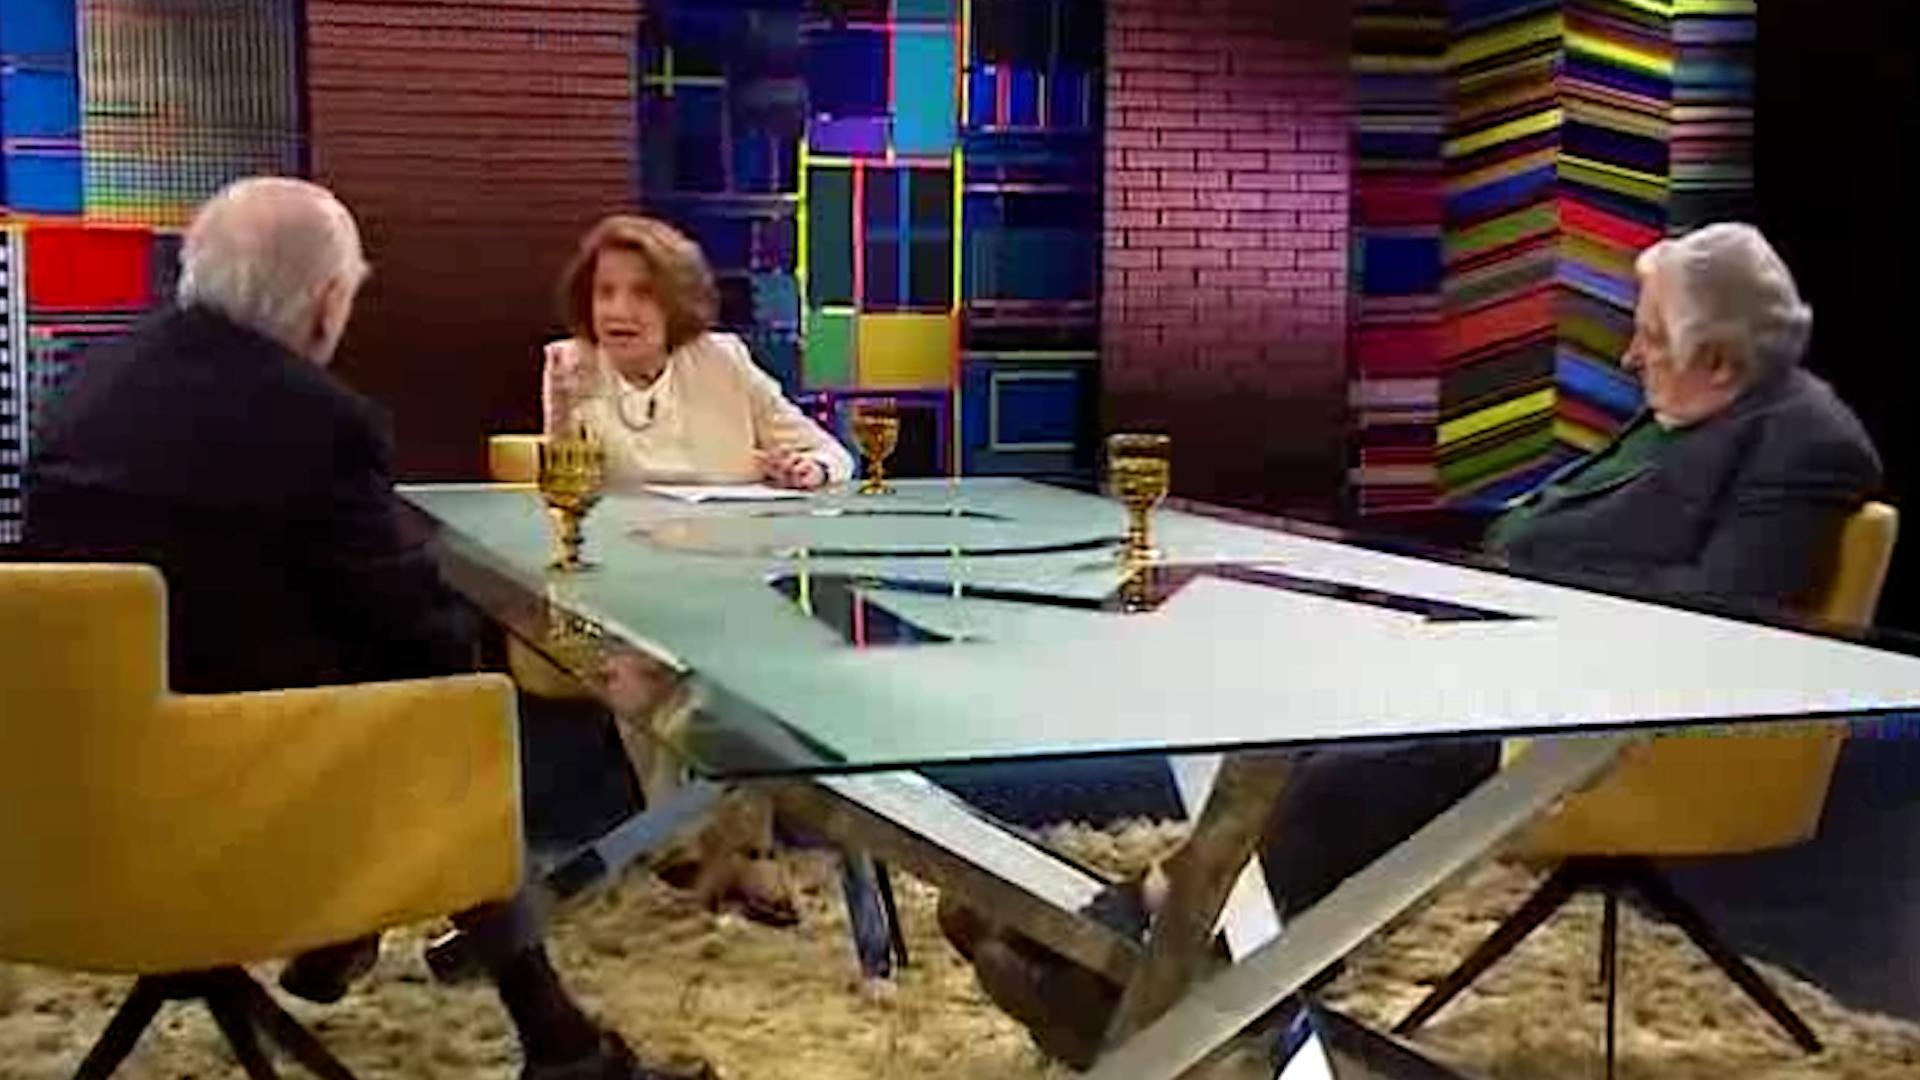 El ejemplo uruguayo: una inédita entrevista conjunta reunió en TV a tres ex  presidentes de distintas fuerzas políticas - Infobae